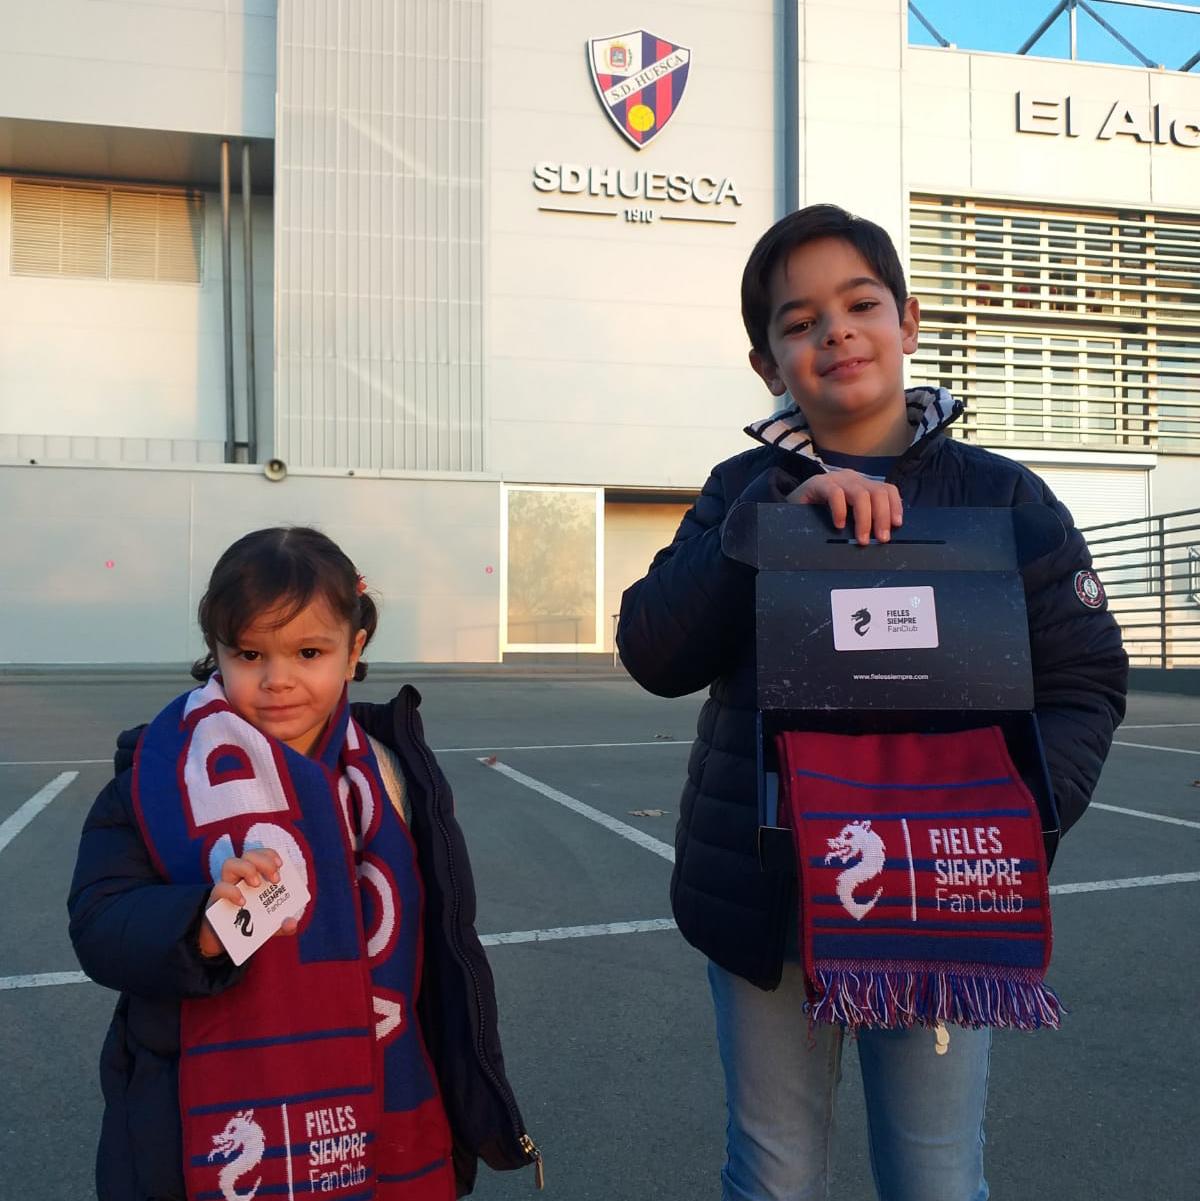 Los socios del FAN CLUB SD Huesca ya tienen su carnet